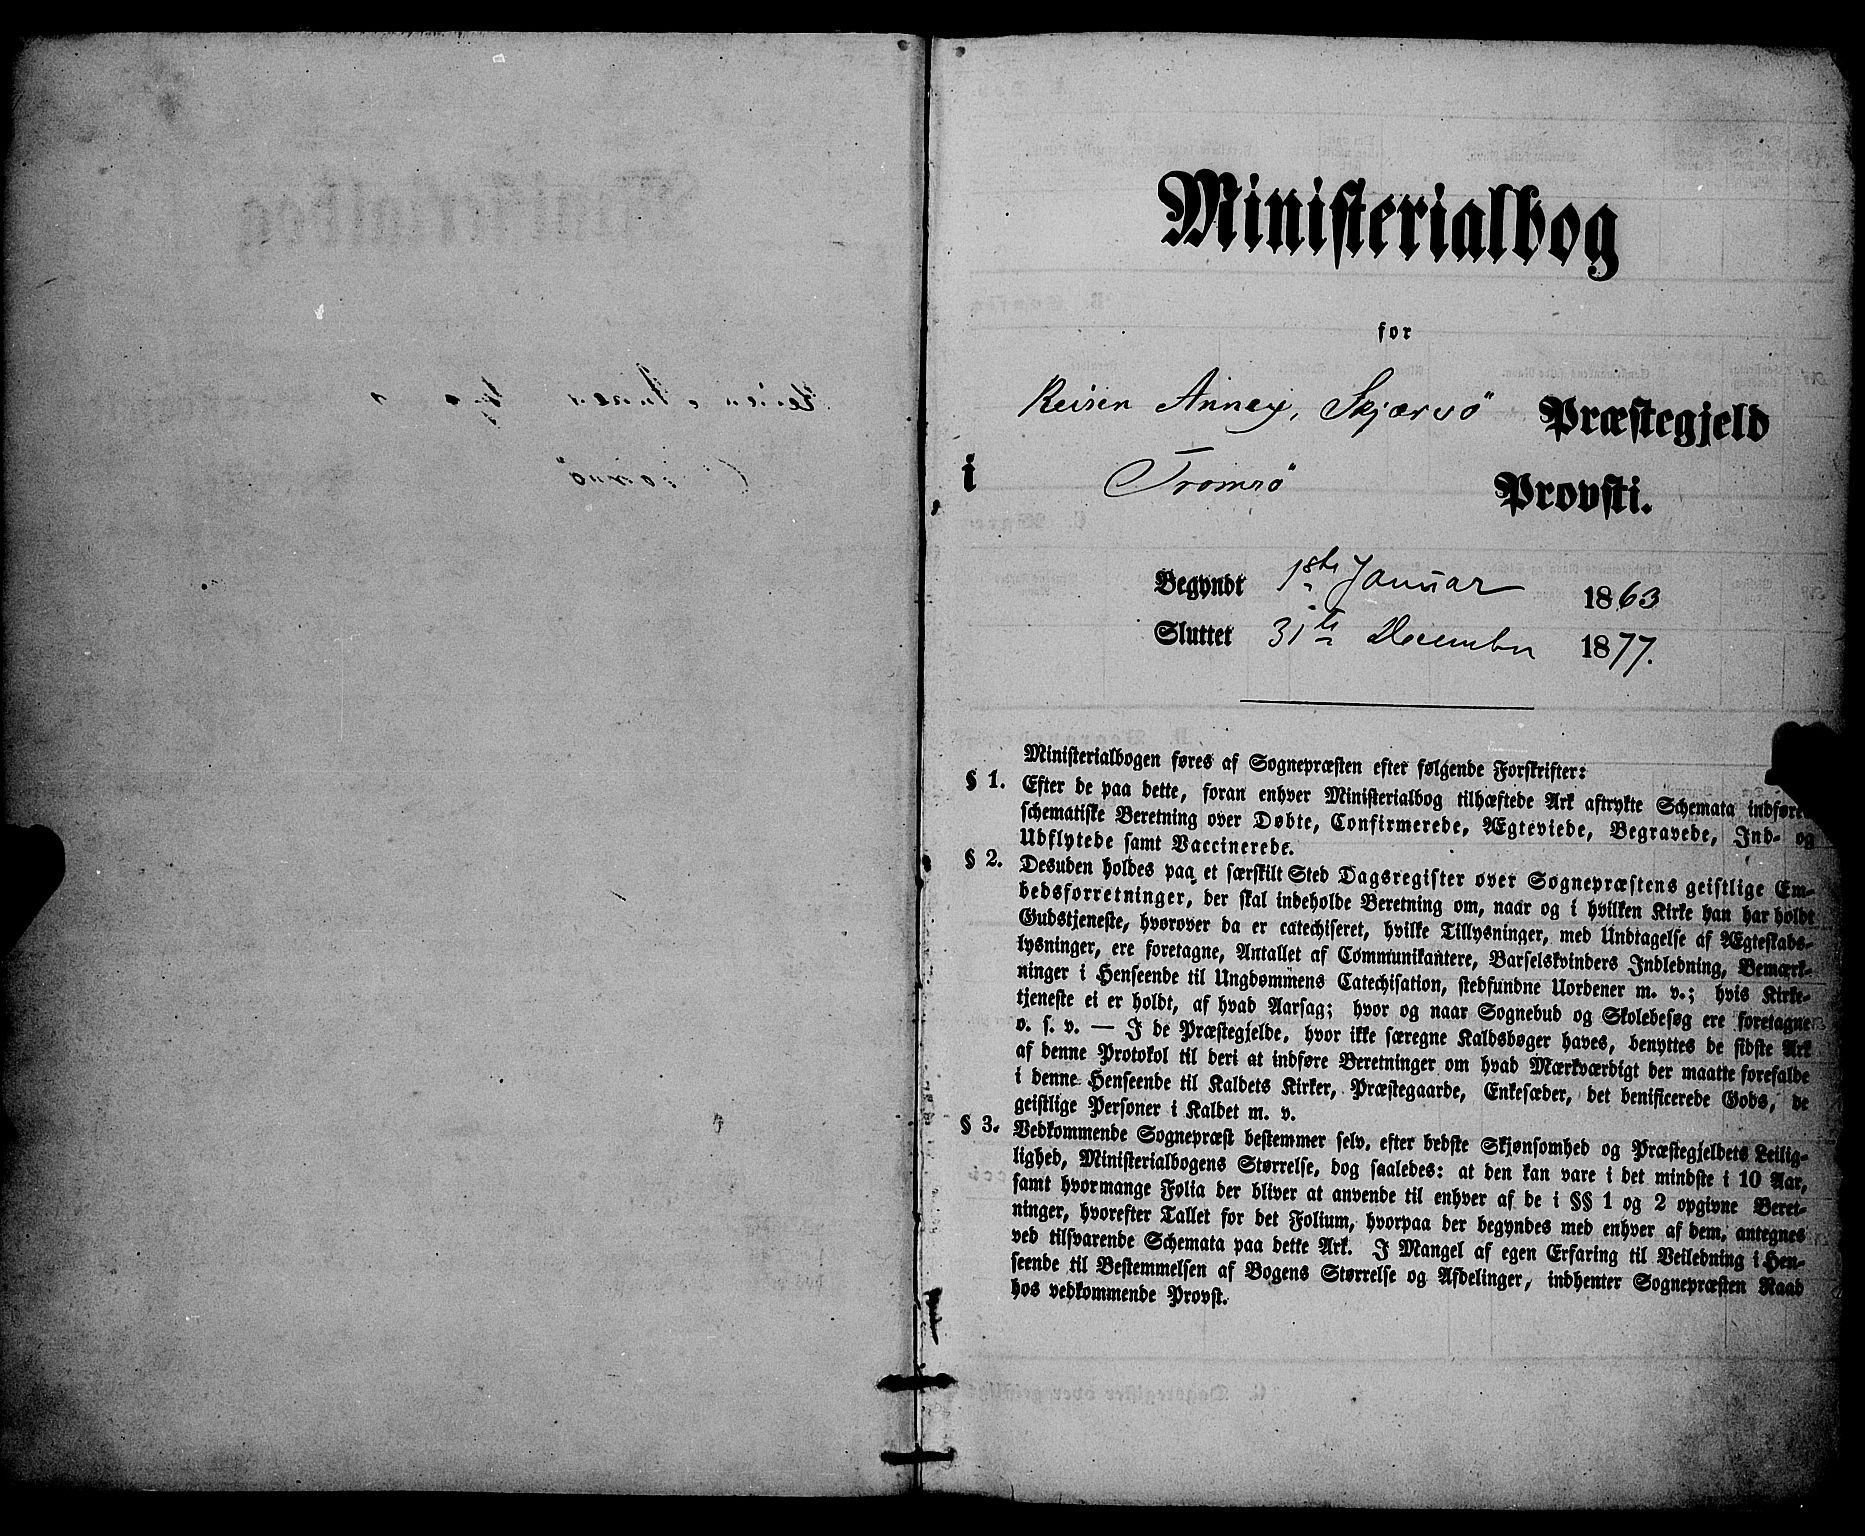 SATØ, Skjervøy sokneprestkontor, H/Ha/Haa/L0013kirke: Ministerialbok nr. 13, 1863-1877